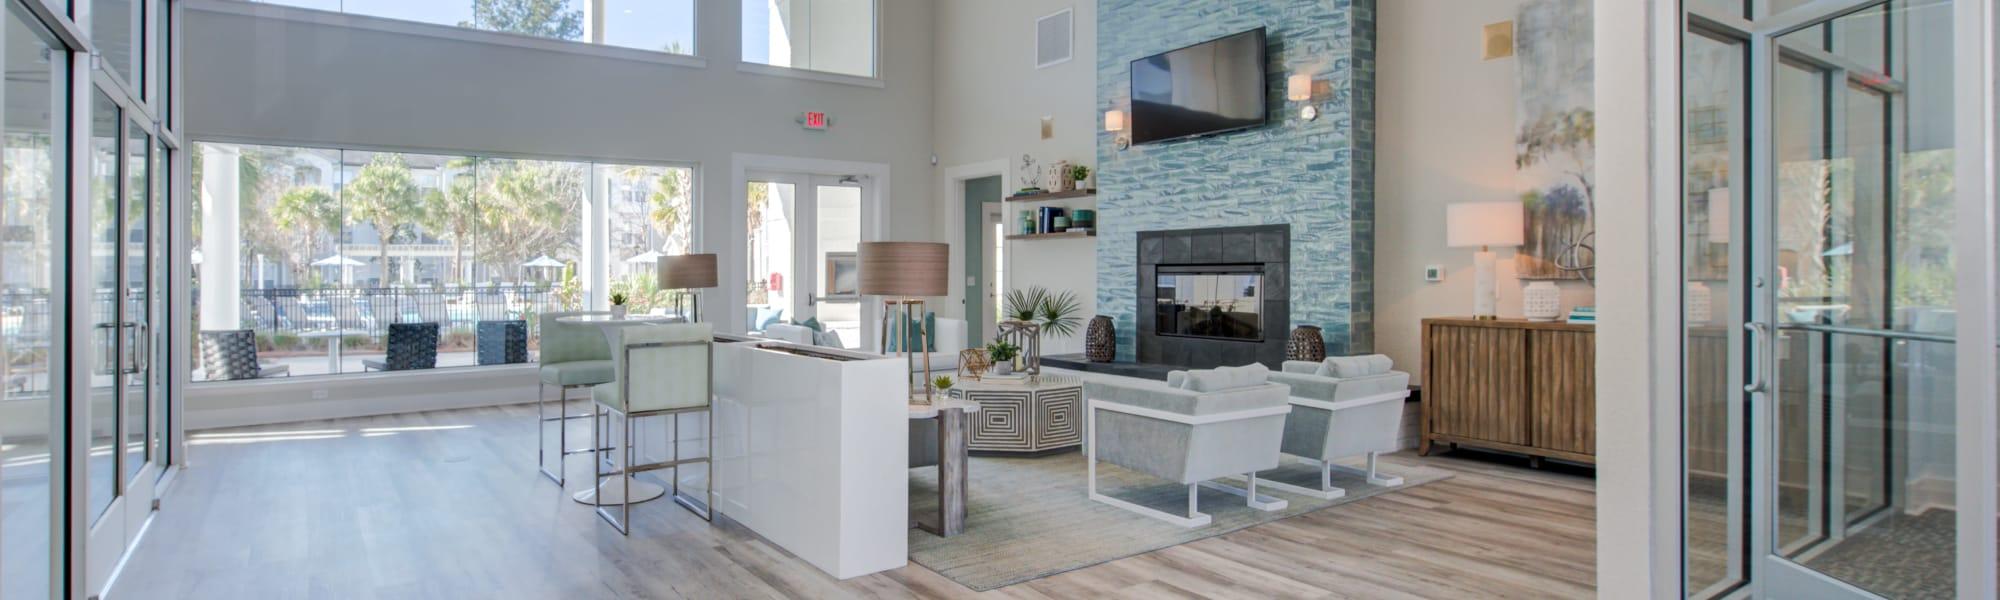 Reviews at Ingleside Apartments in North Charleston, South Carolina